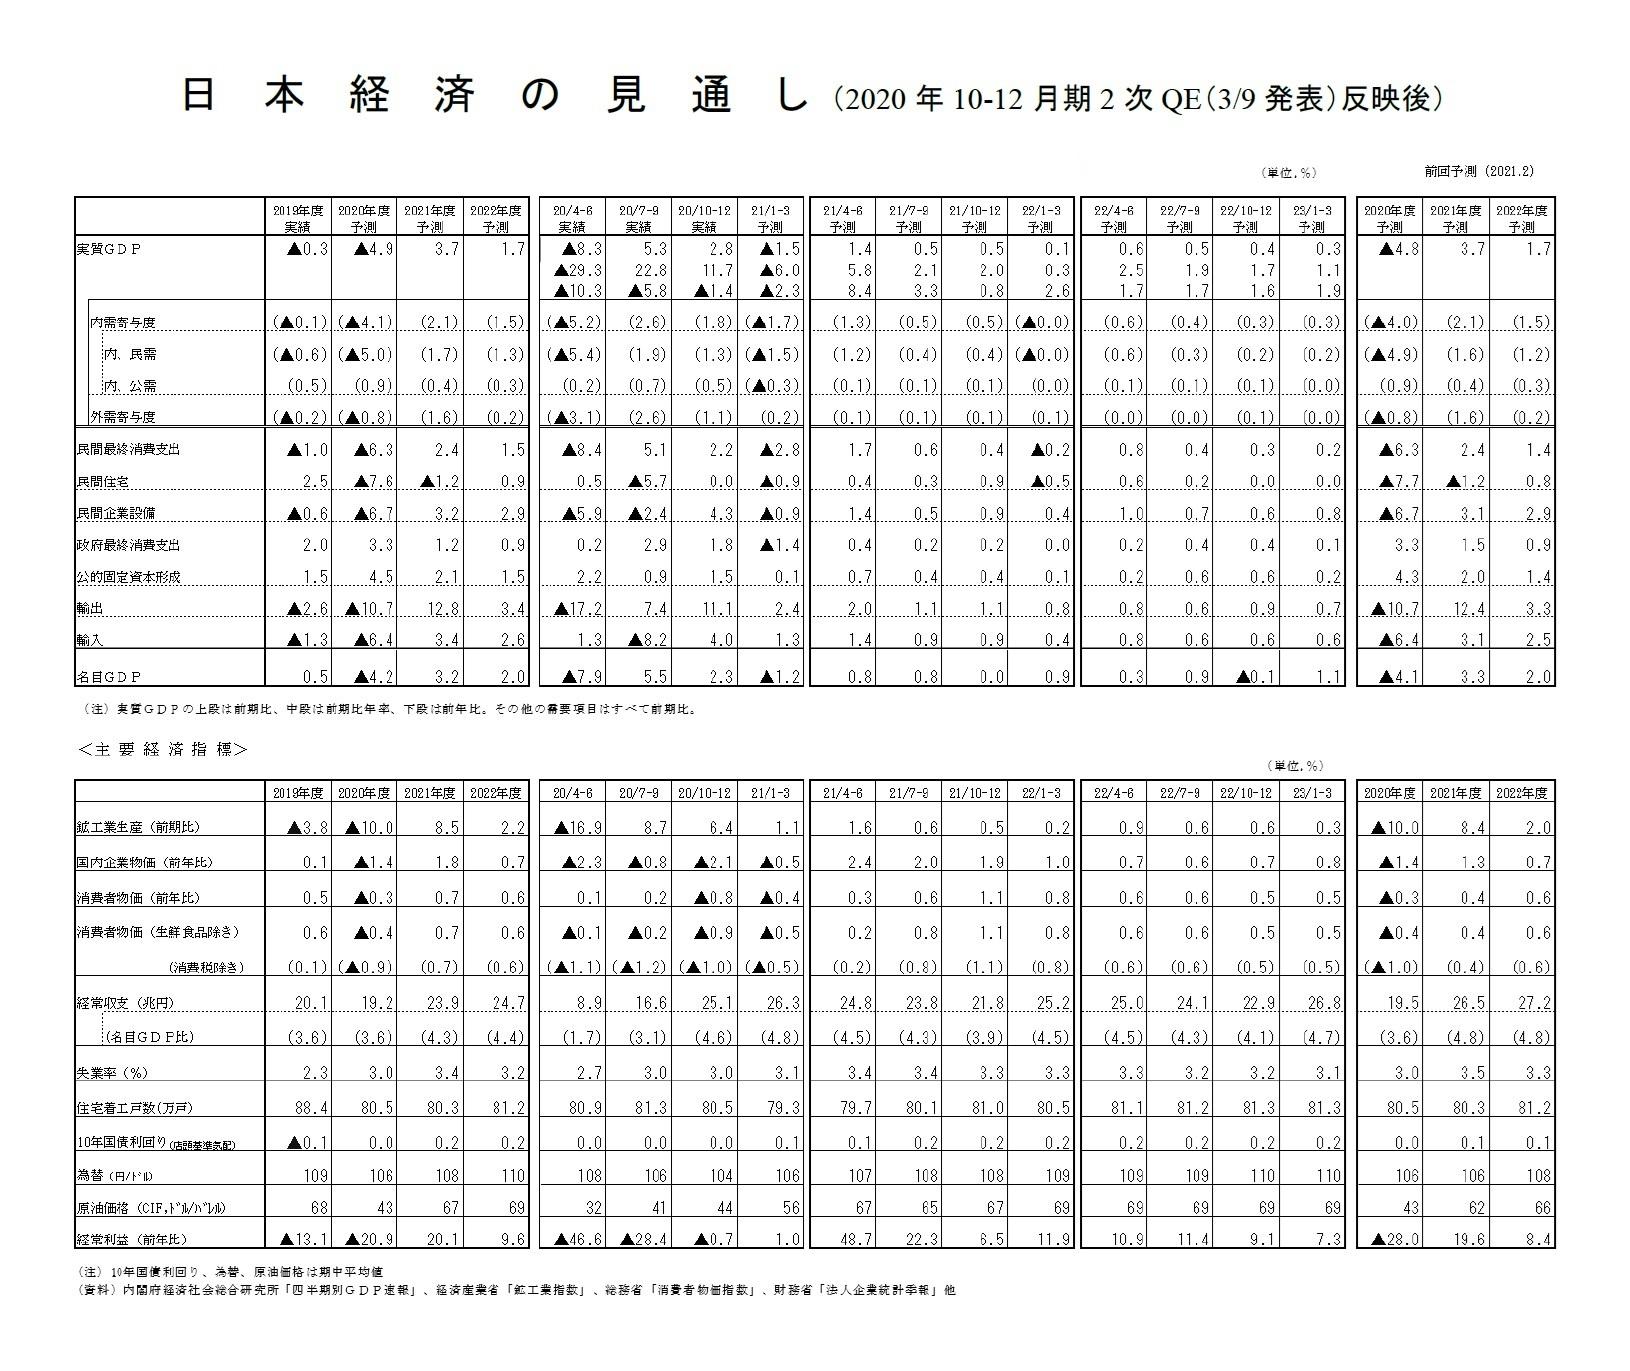 日本経済の見通し(2020年10-12月期2次QE(3/9発表)反映後)